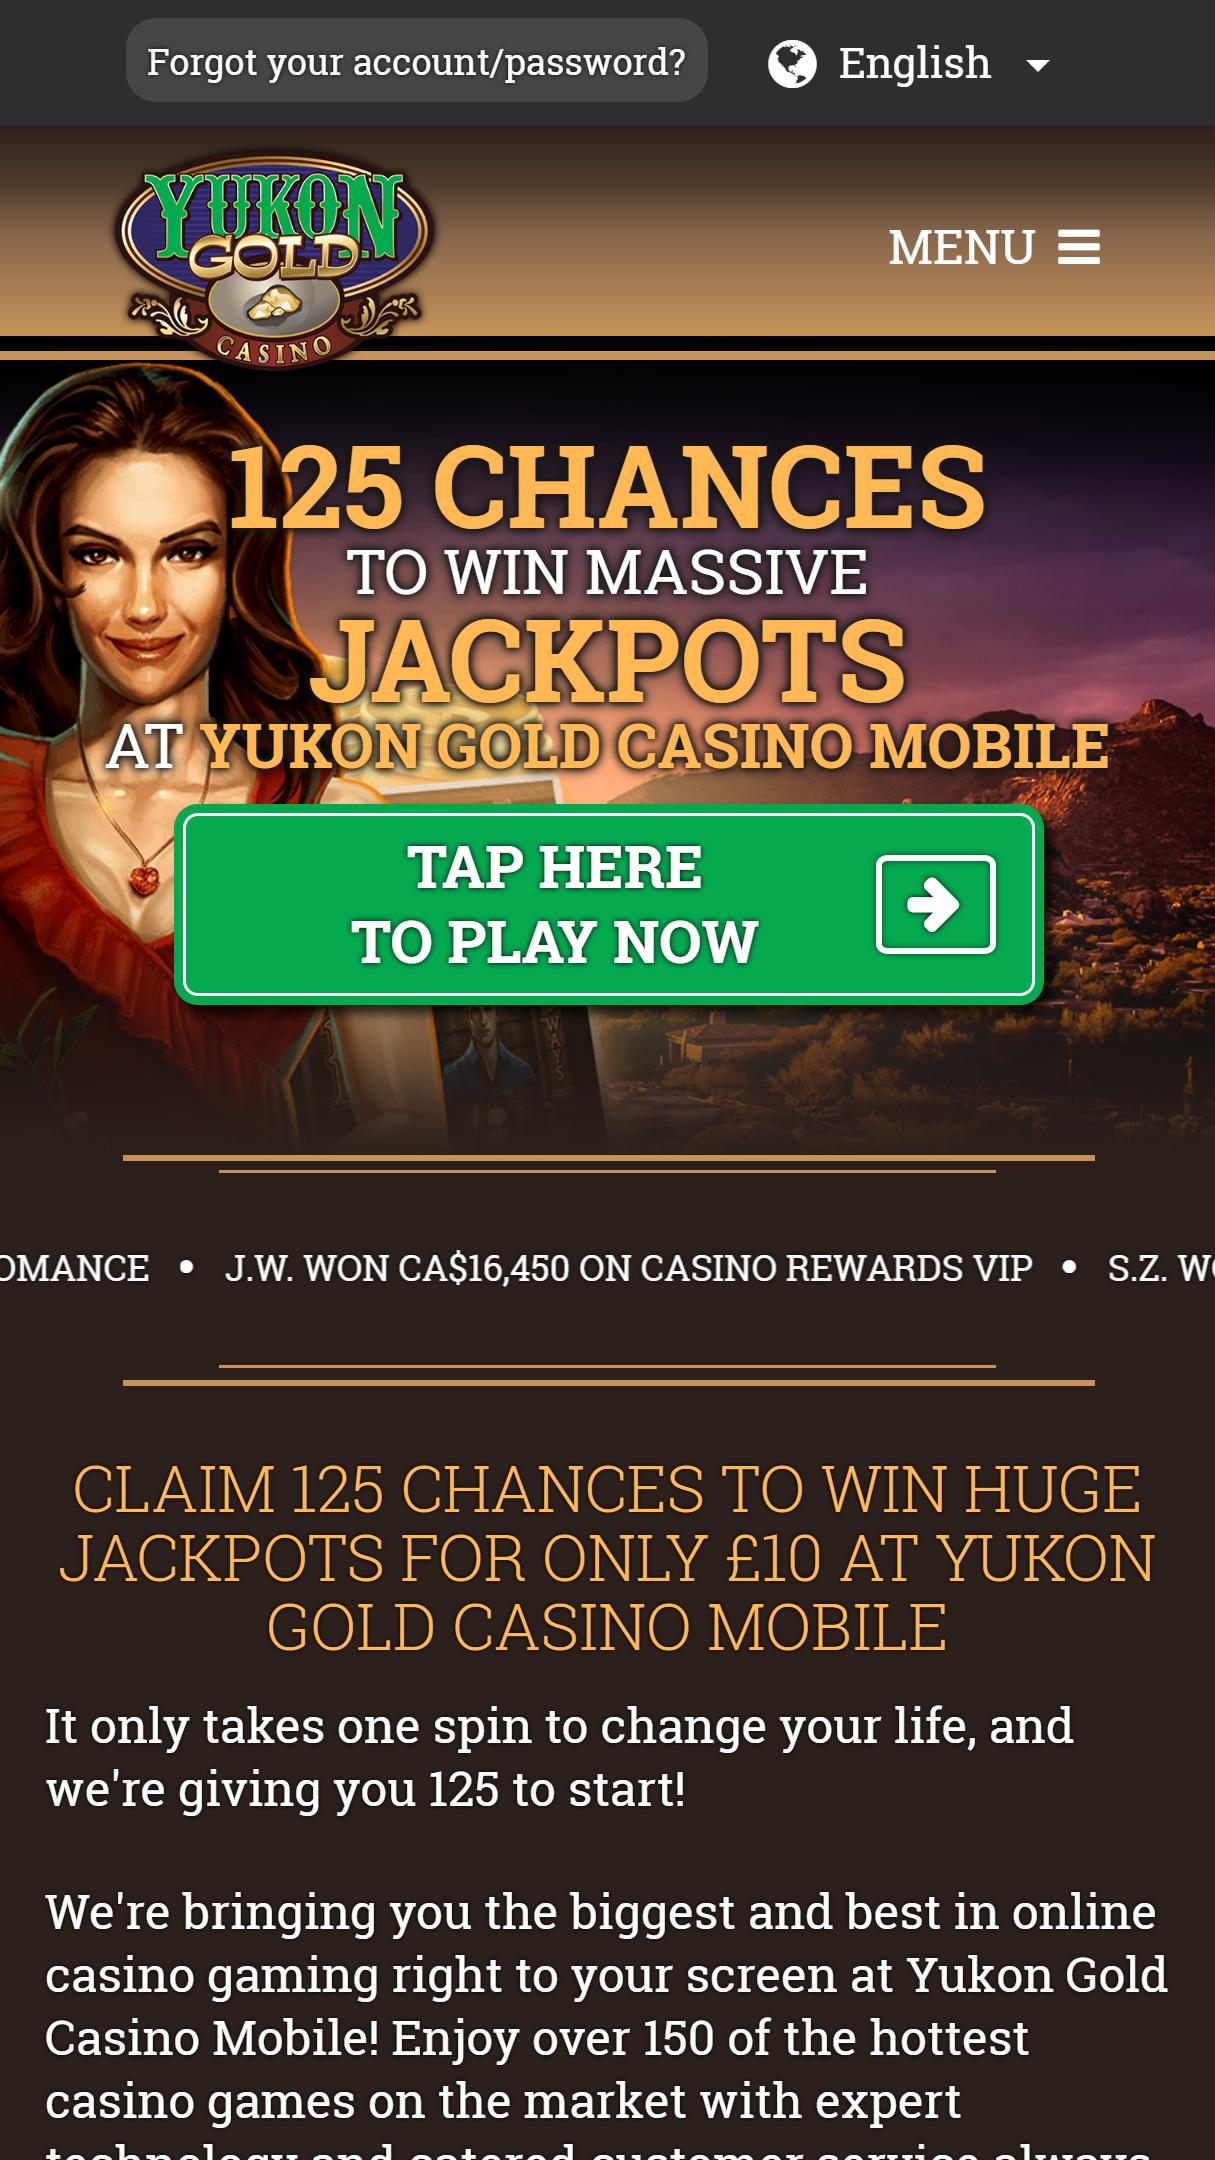 Club Gold Casino Bonus Code